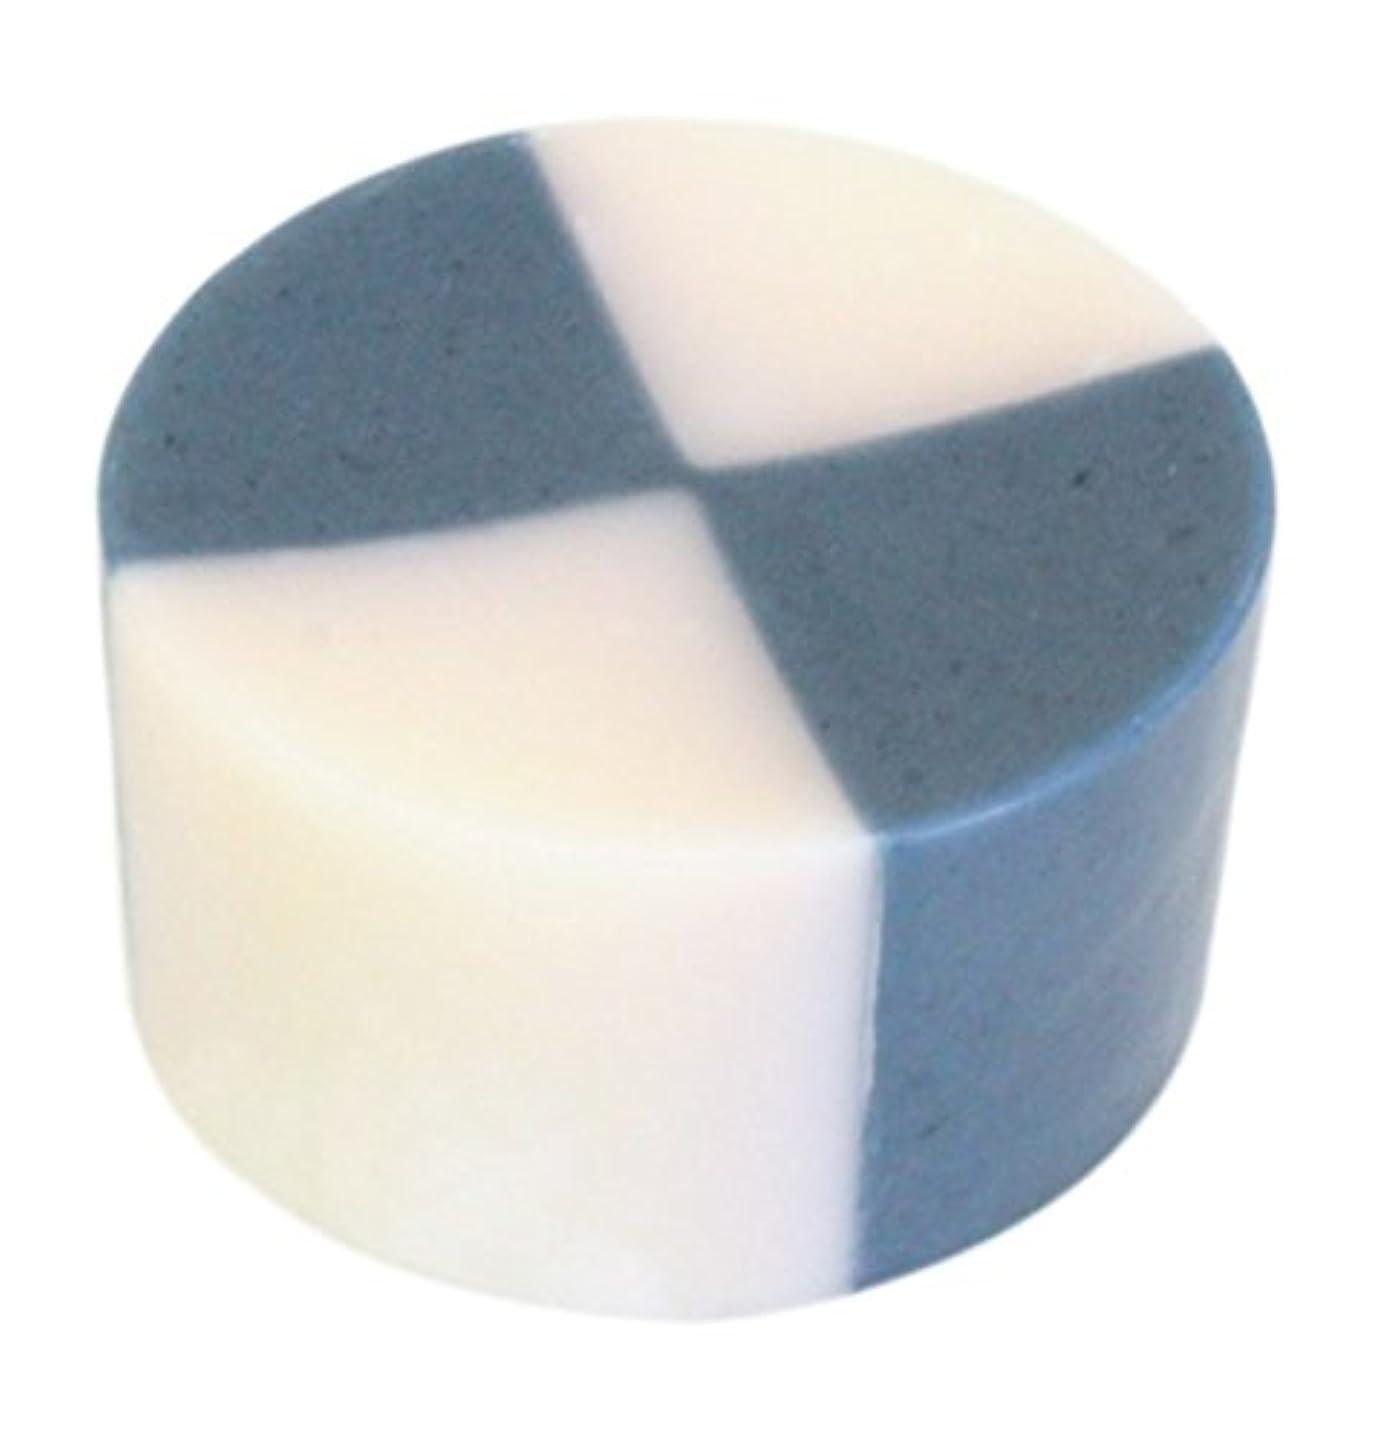 数重なるばかげた藍色工房 藍染め石けん「いちまつ」(60g)